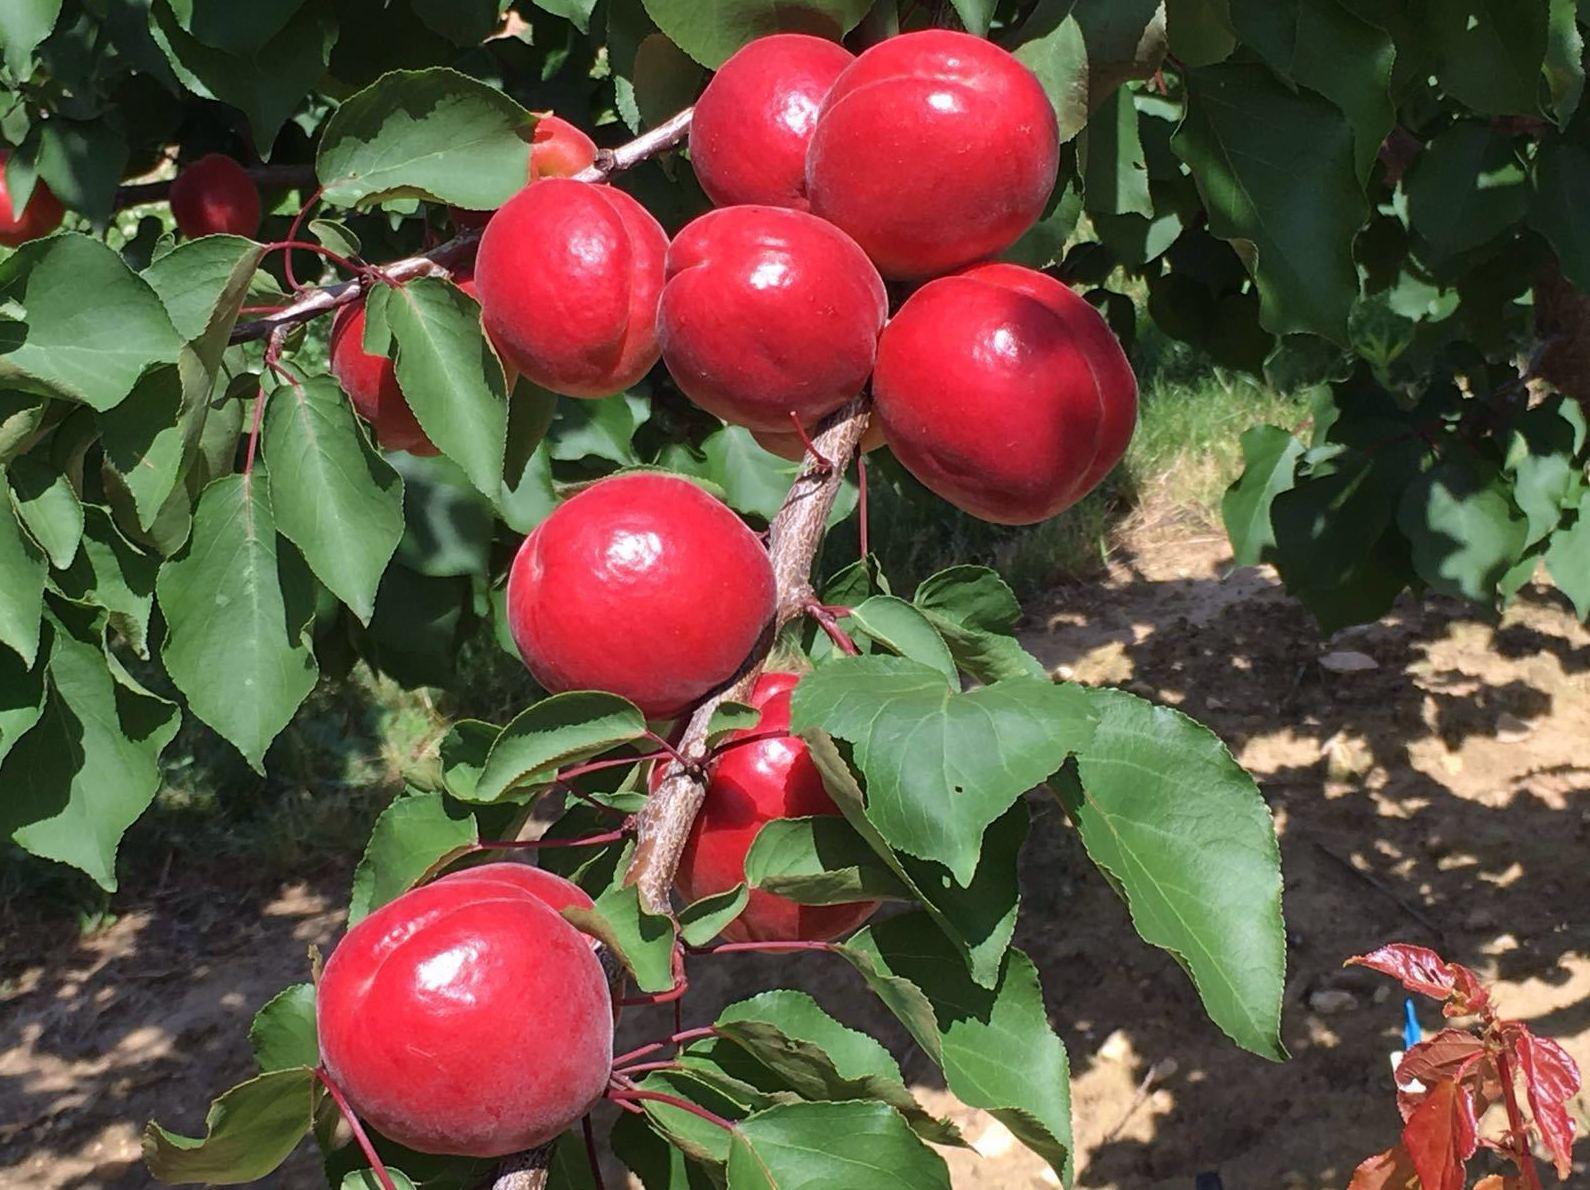 Foto 9 de Producción de frutas en Murcia | Frutas Maripí